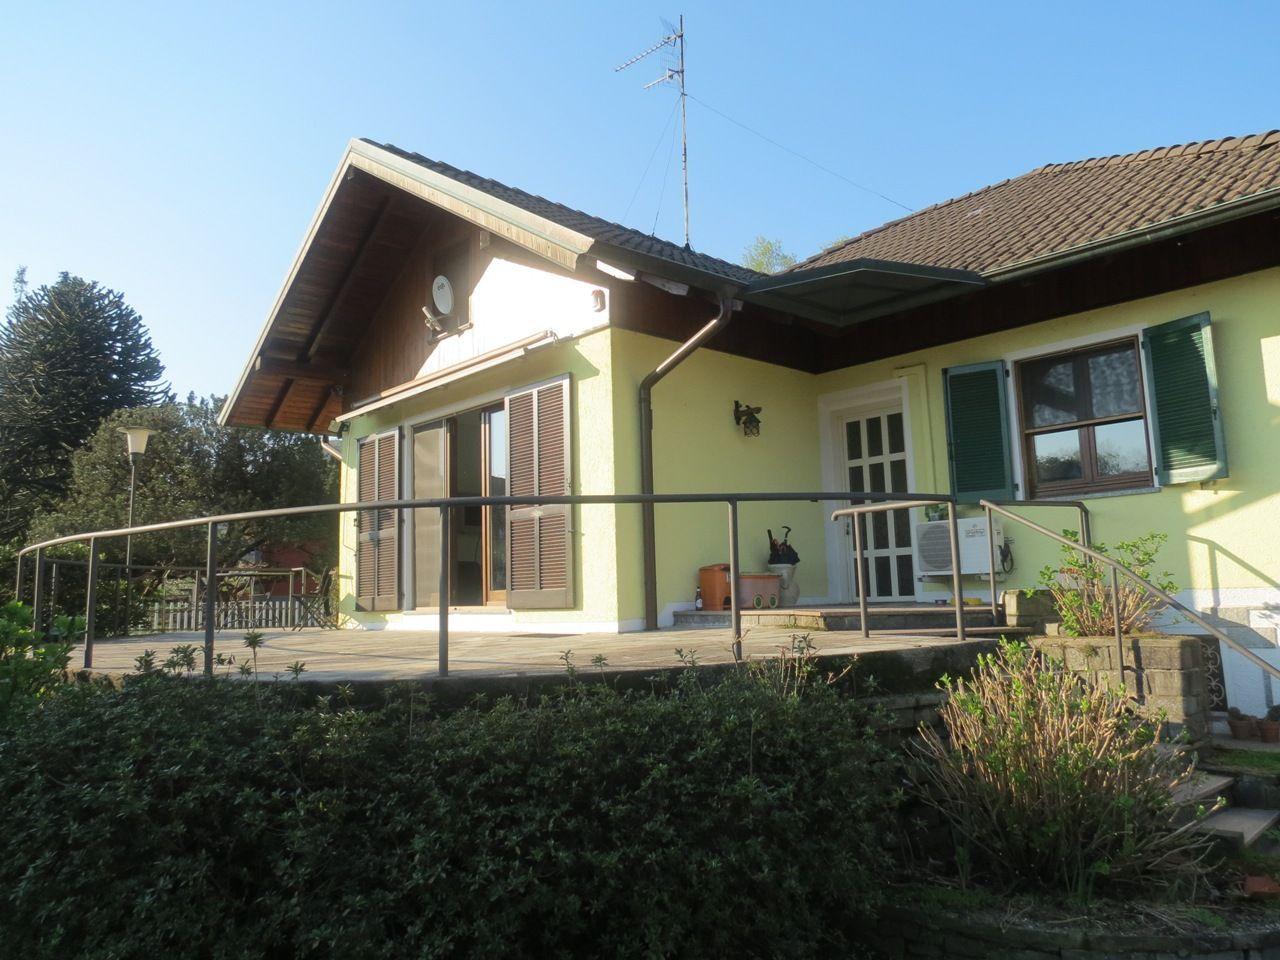 feriolo casa indipendente 2 camere con giardino e garage